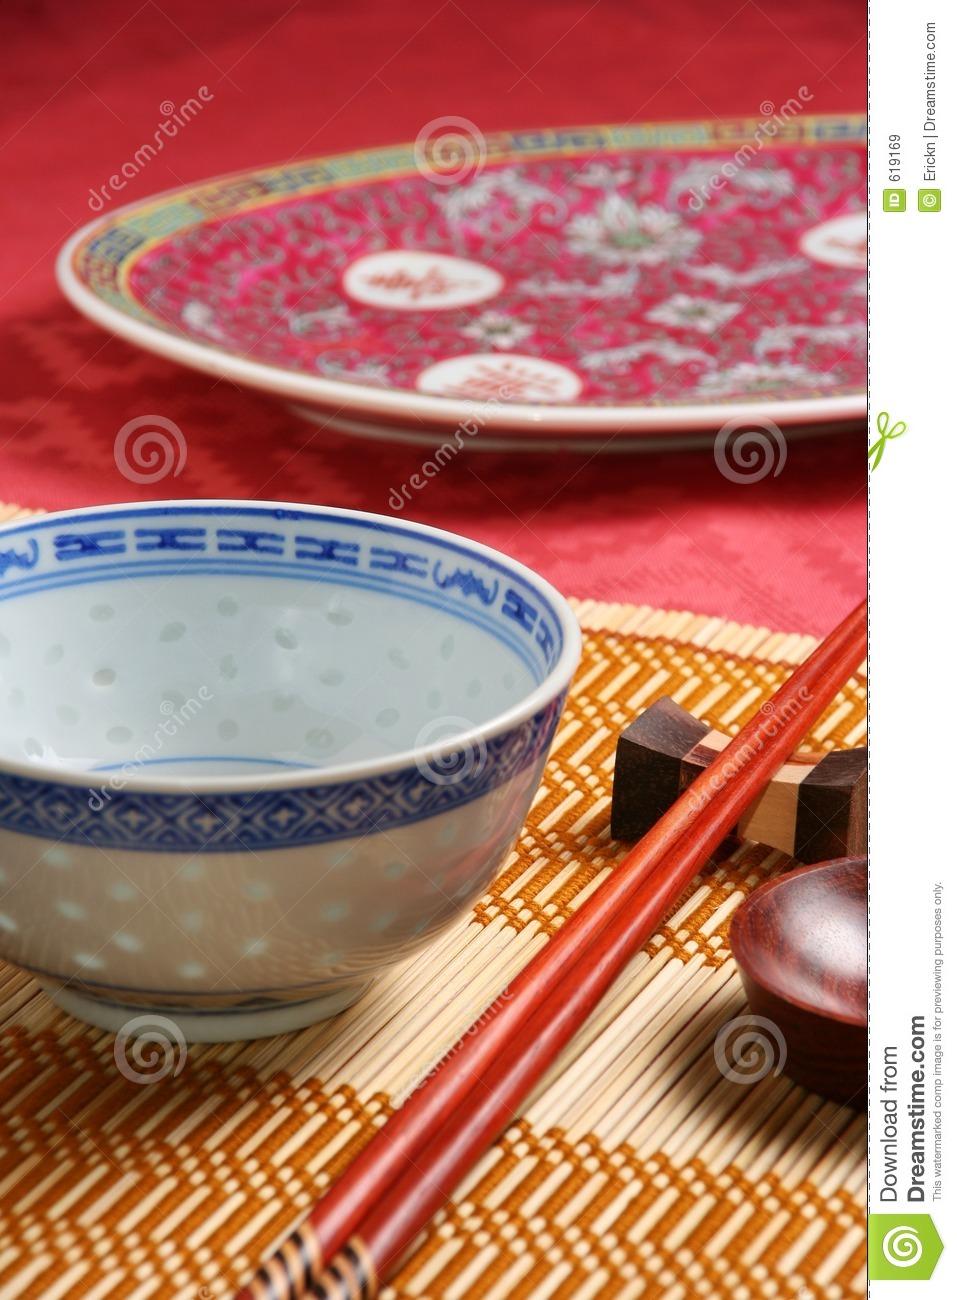 Vaisselle asiatique korea cute for Ustensile de cuisine asiatique